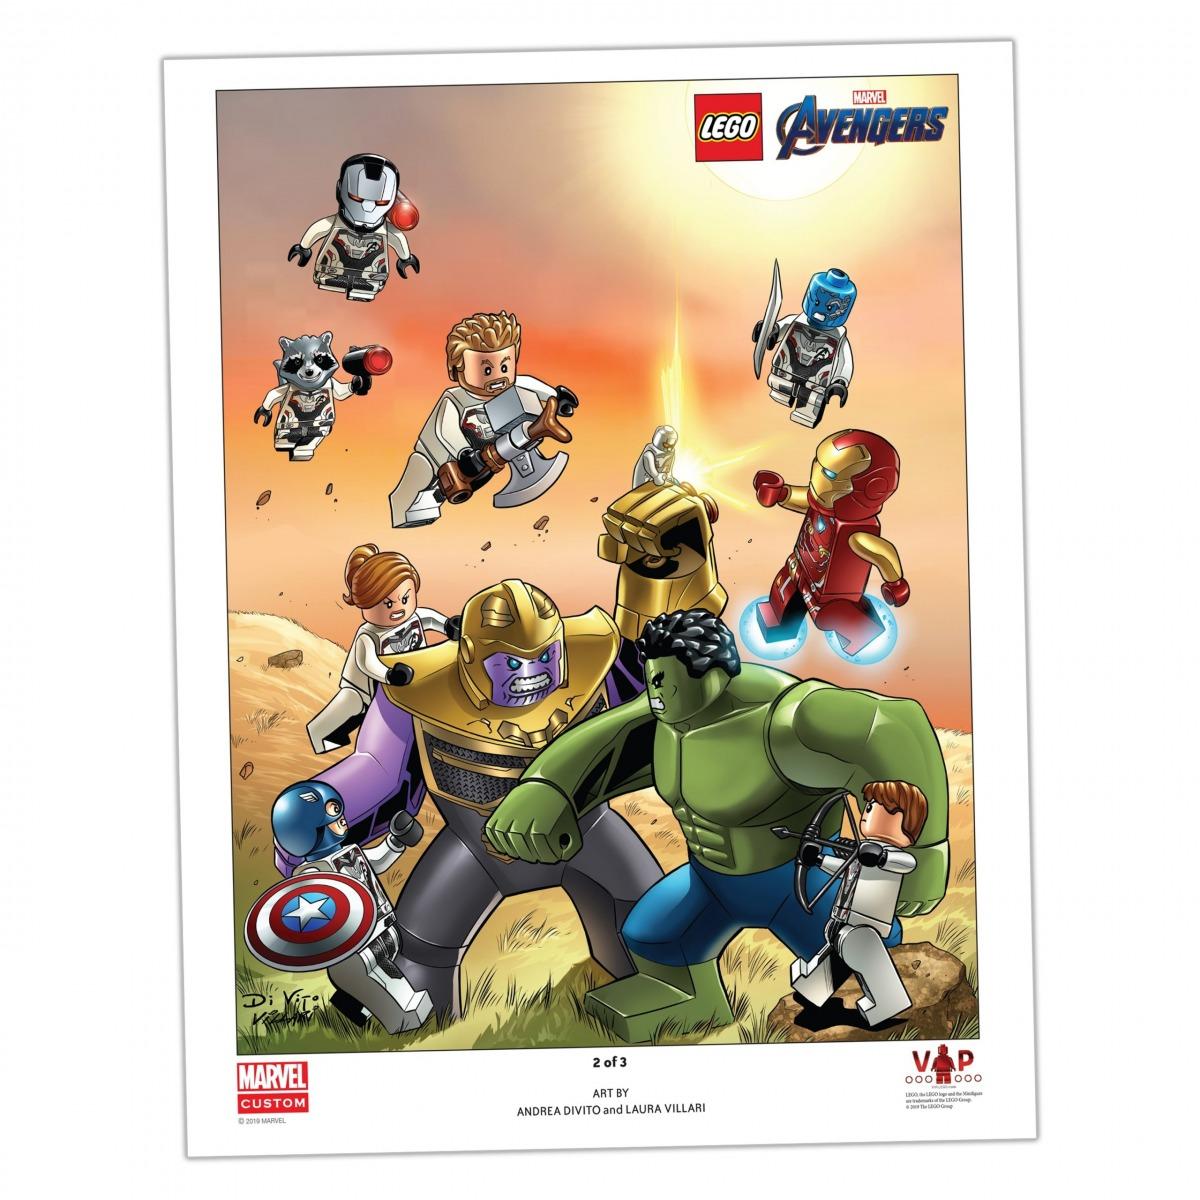 lego 5005881 avengers endgame poster motiv 2 von 3 scaled